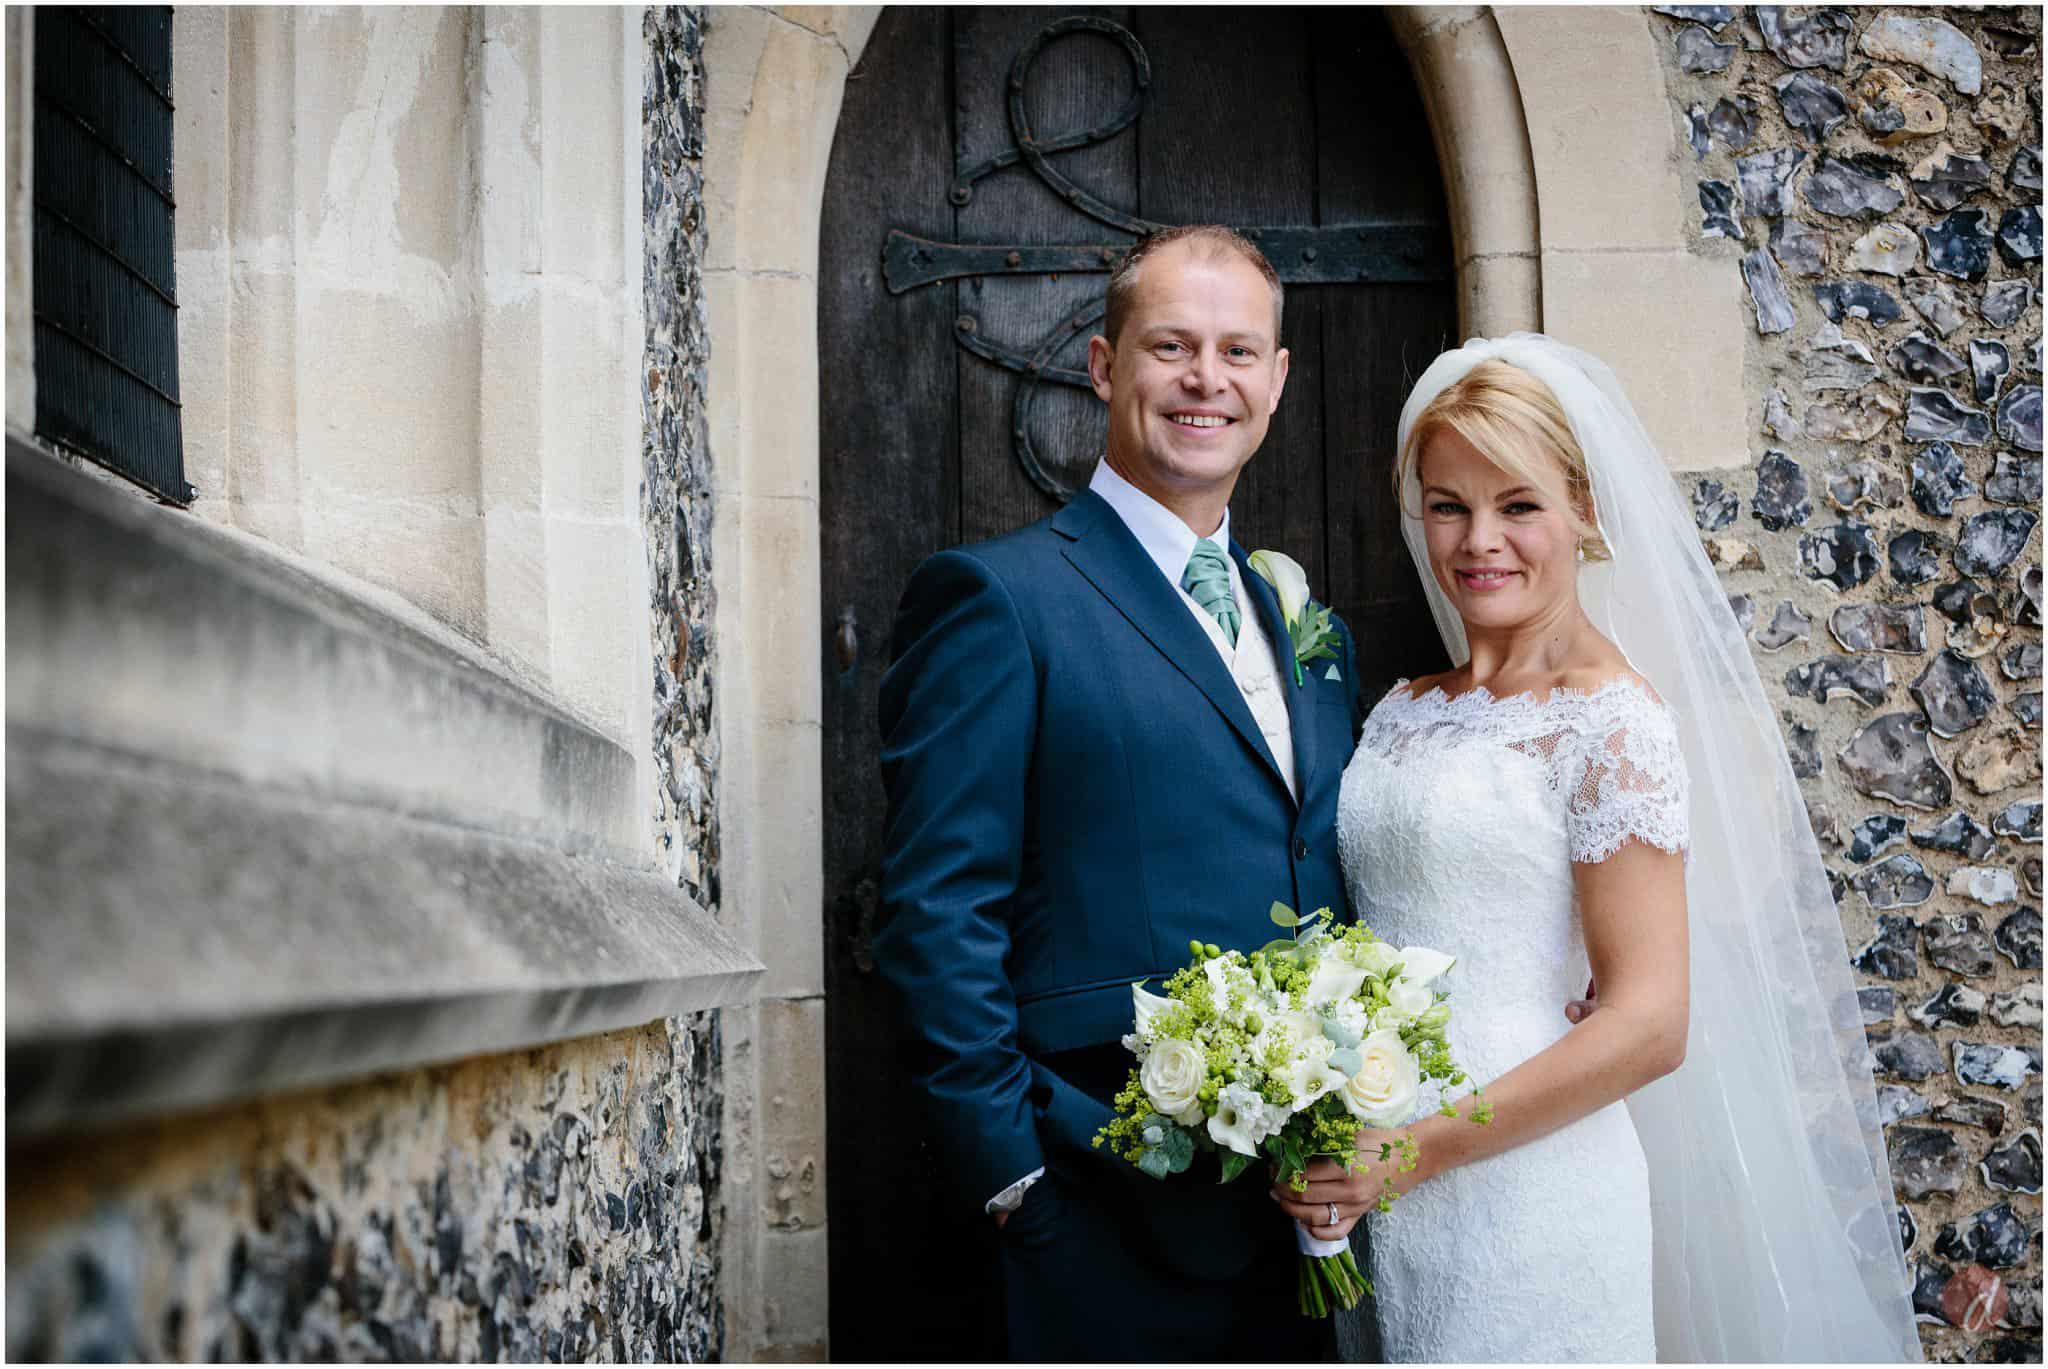 hertfordhire wedding photographer